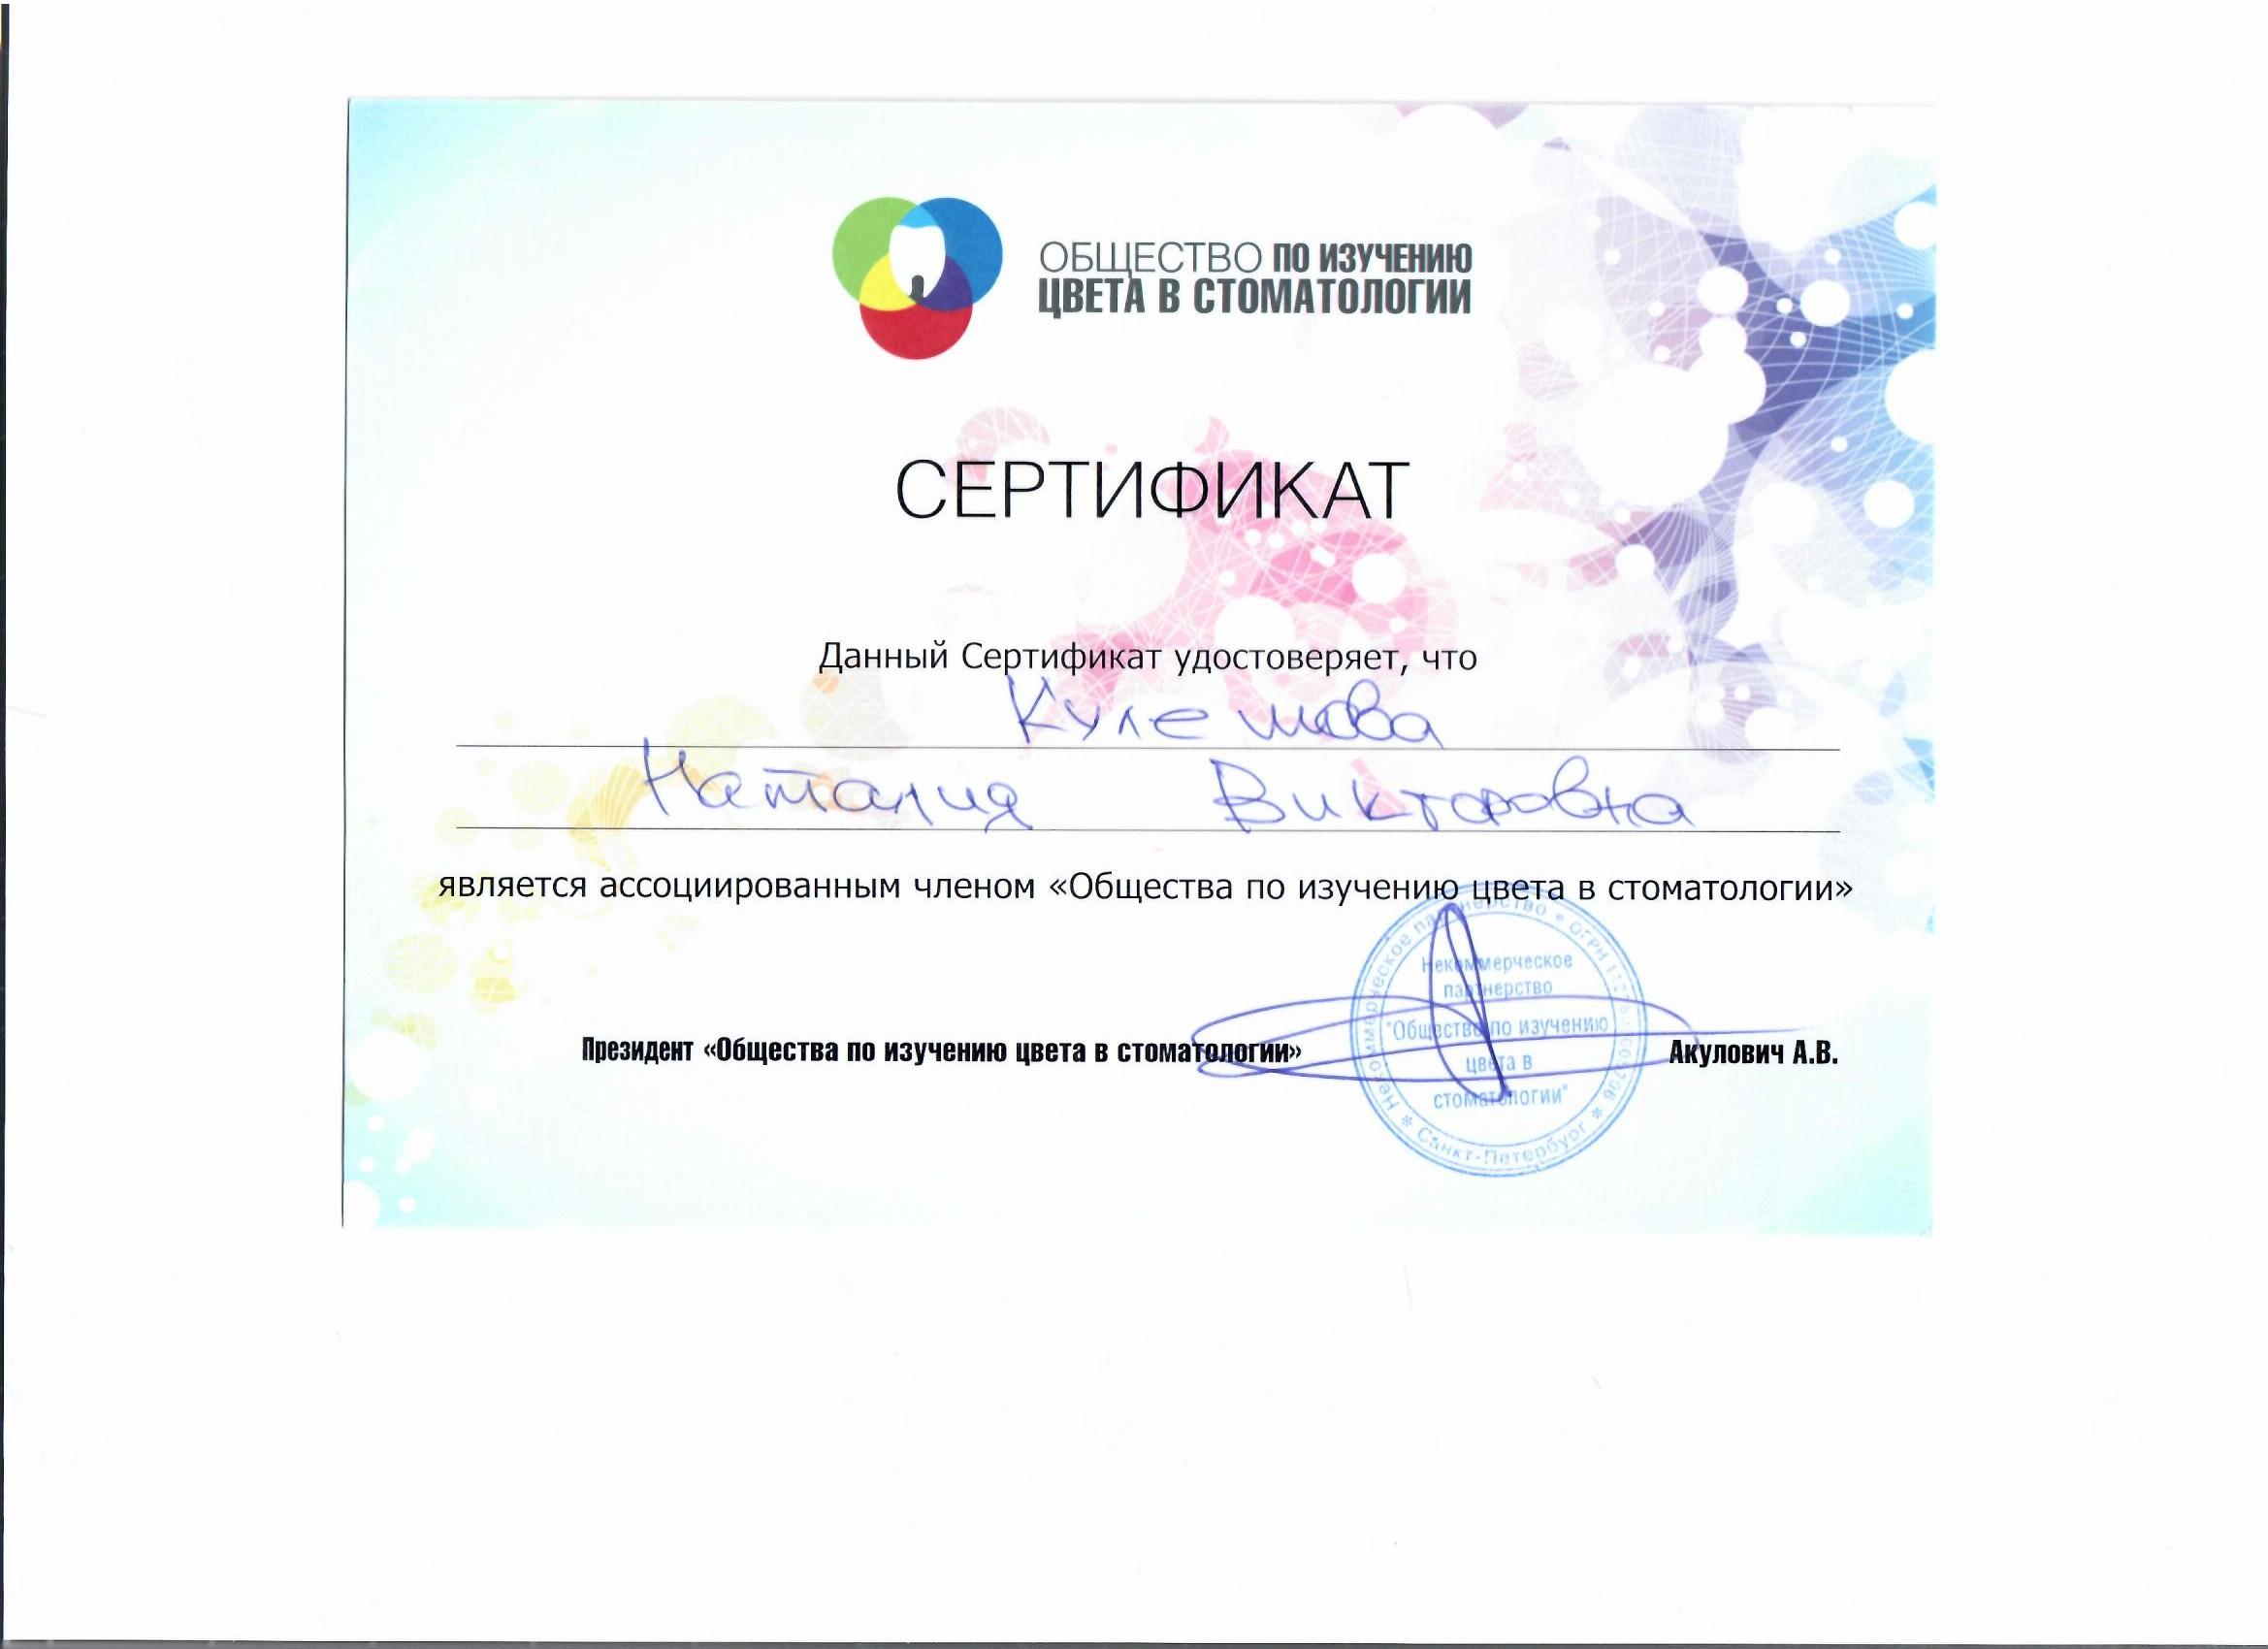 Сертификат ассоциированного члена Общества по изучению цвета в стоматологии